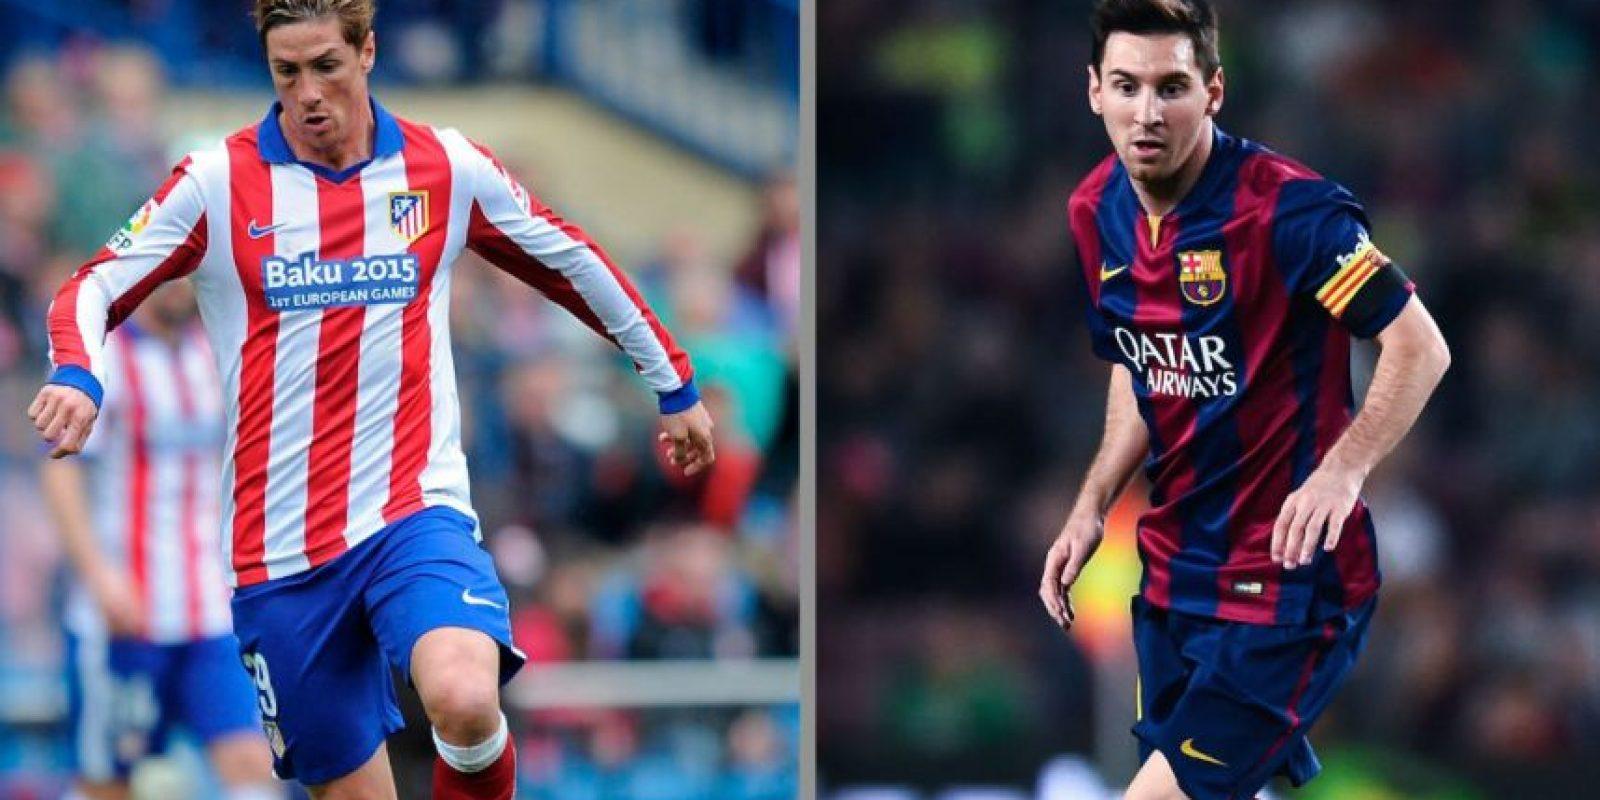 El duelo del que puede salir un nuevo campeón de la Liga española. Foto:Getty Images